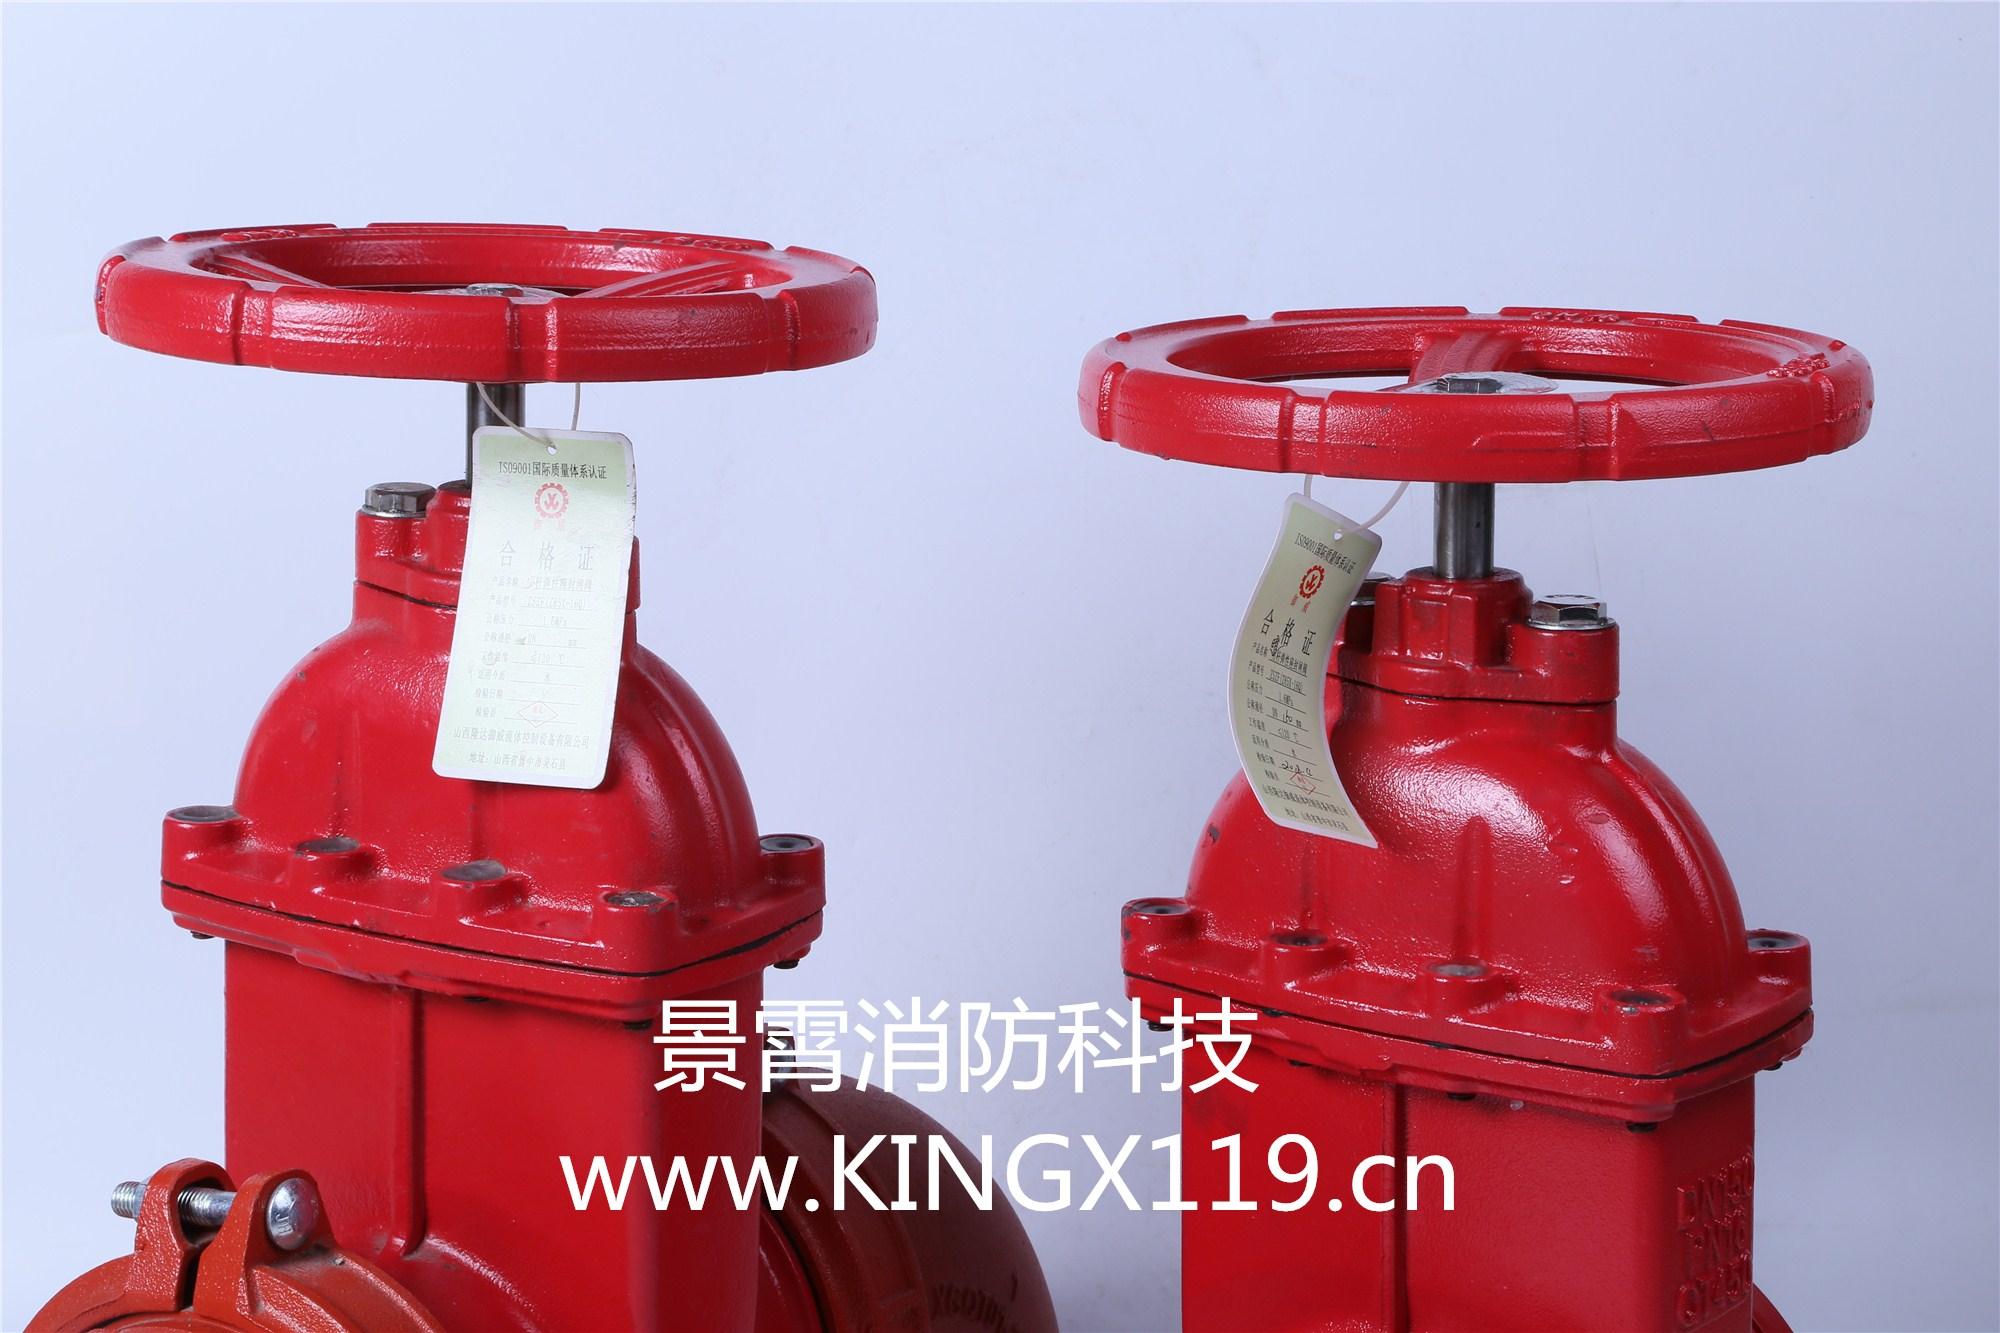 景霄消防科技